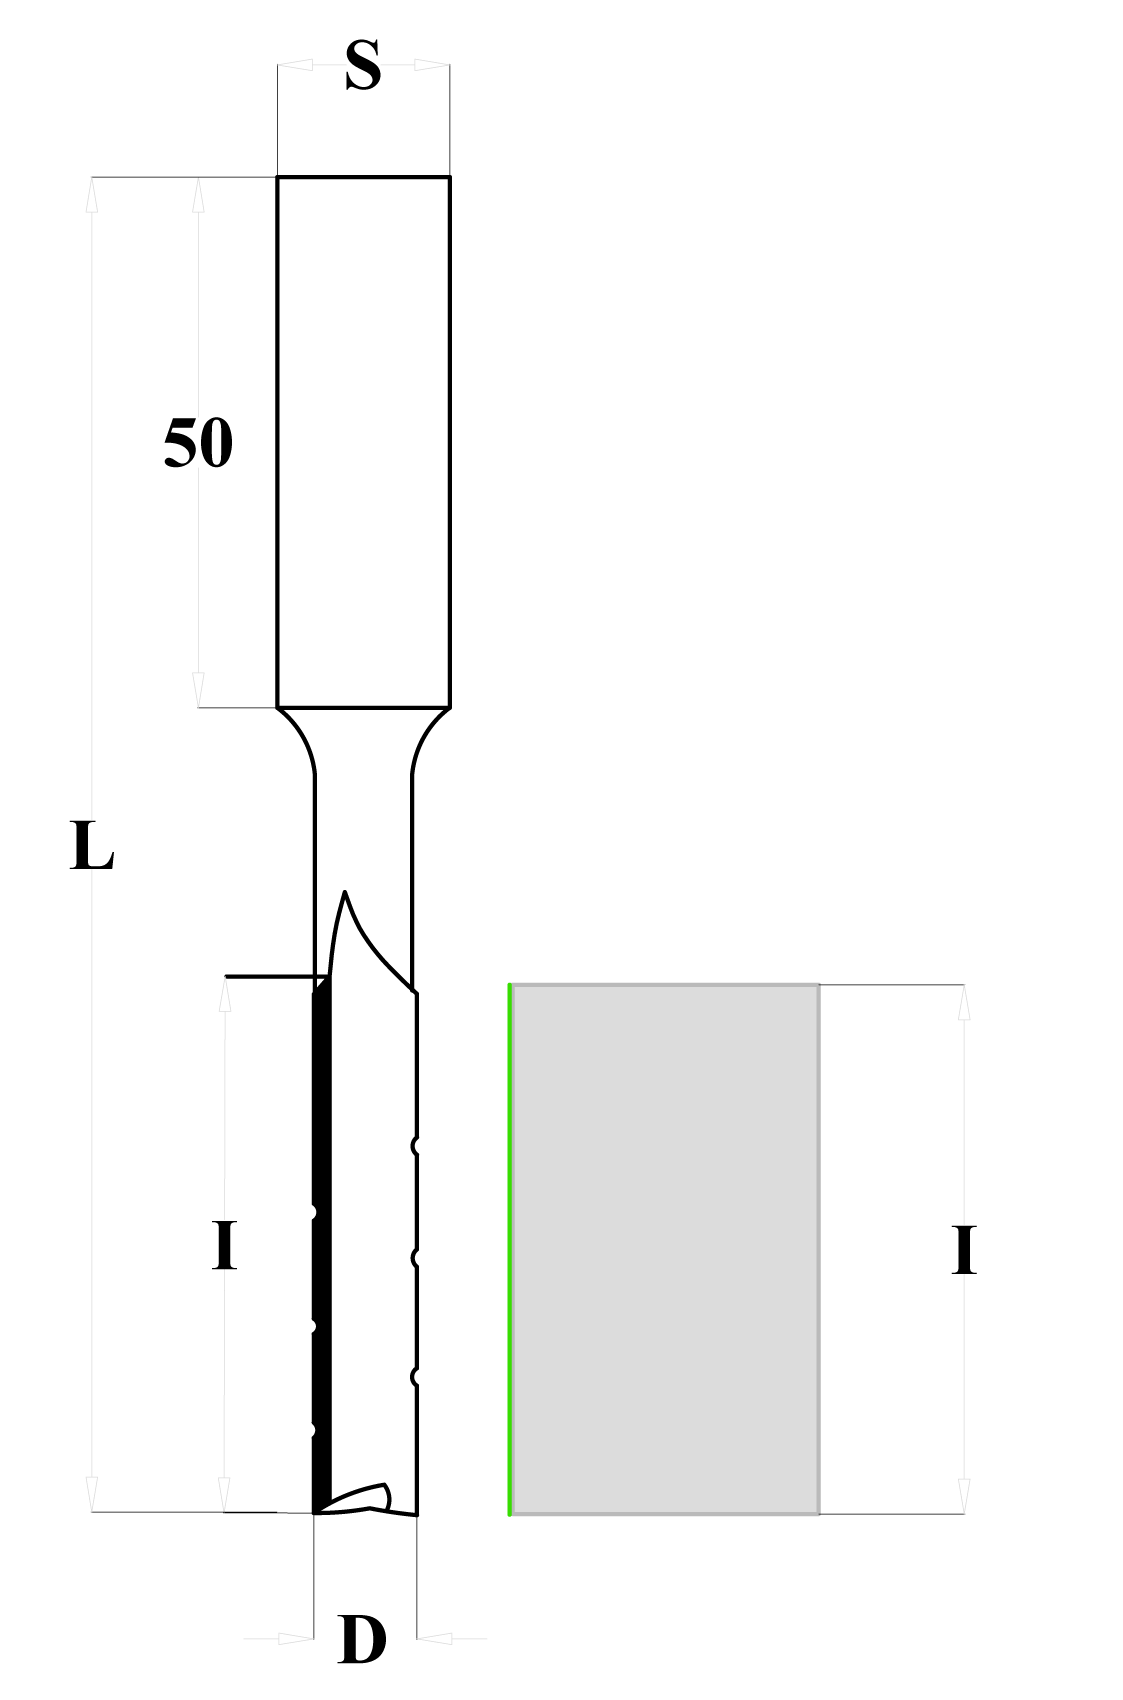 Fraiser FR.109 - Straight router bit for mortise with chip breaker - Left - technical design